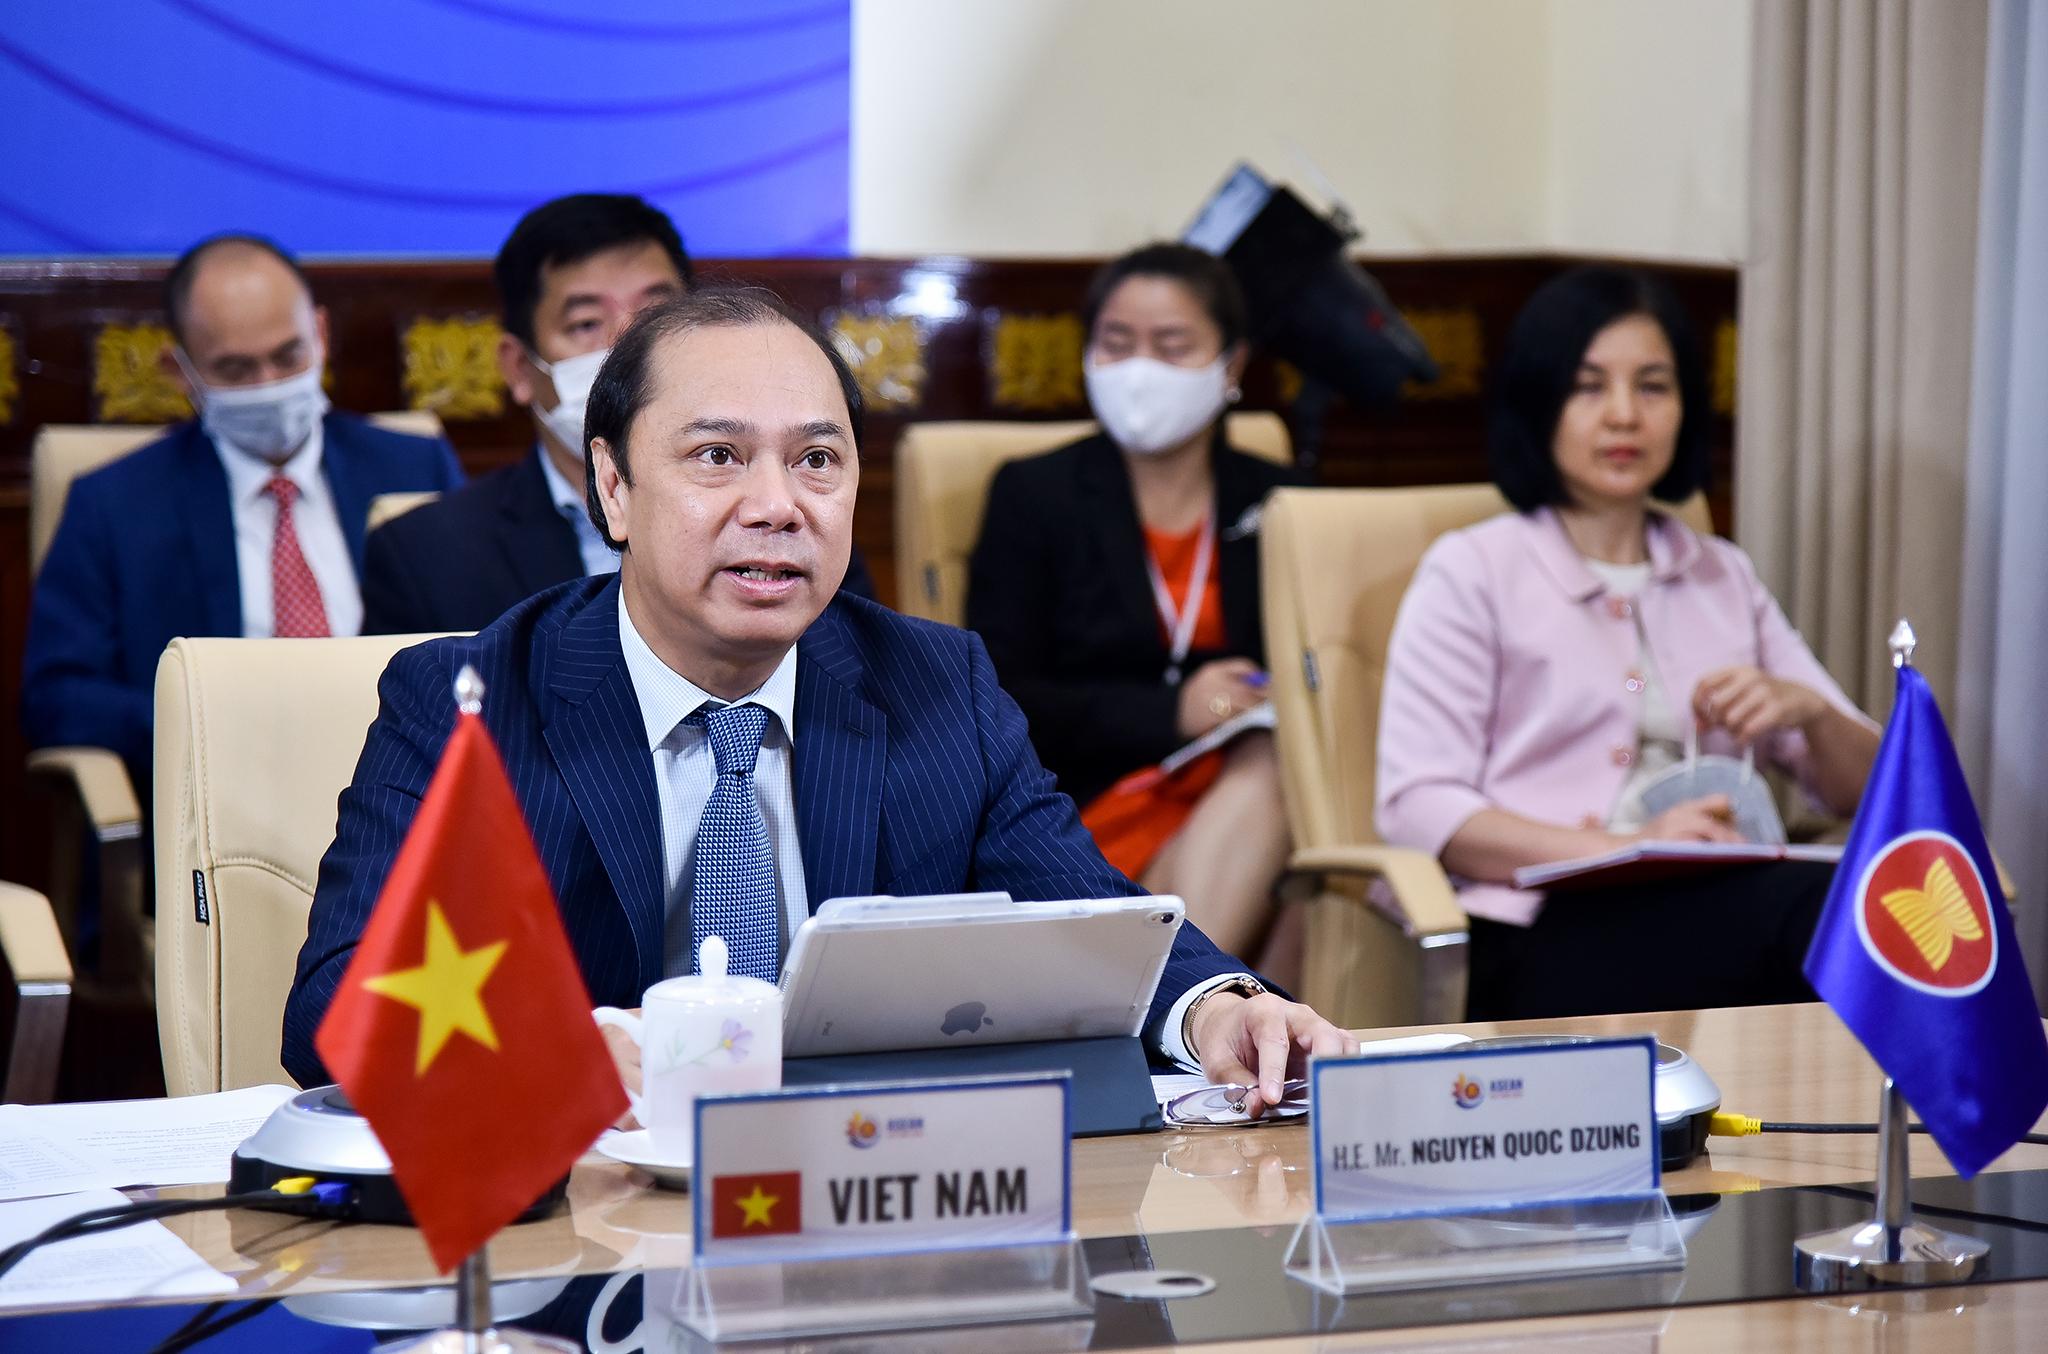 Việt Nam đồng chủ trì Hội nghị ASEAN-Mỹ hợp tác ứng phó dịch COVID-19